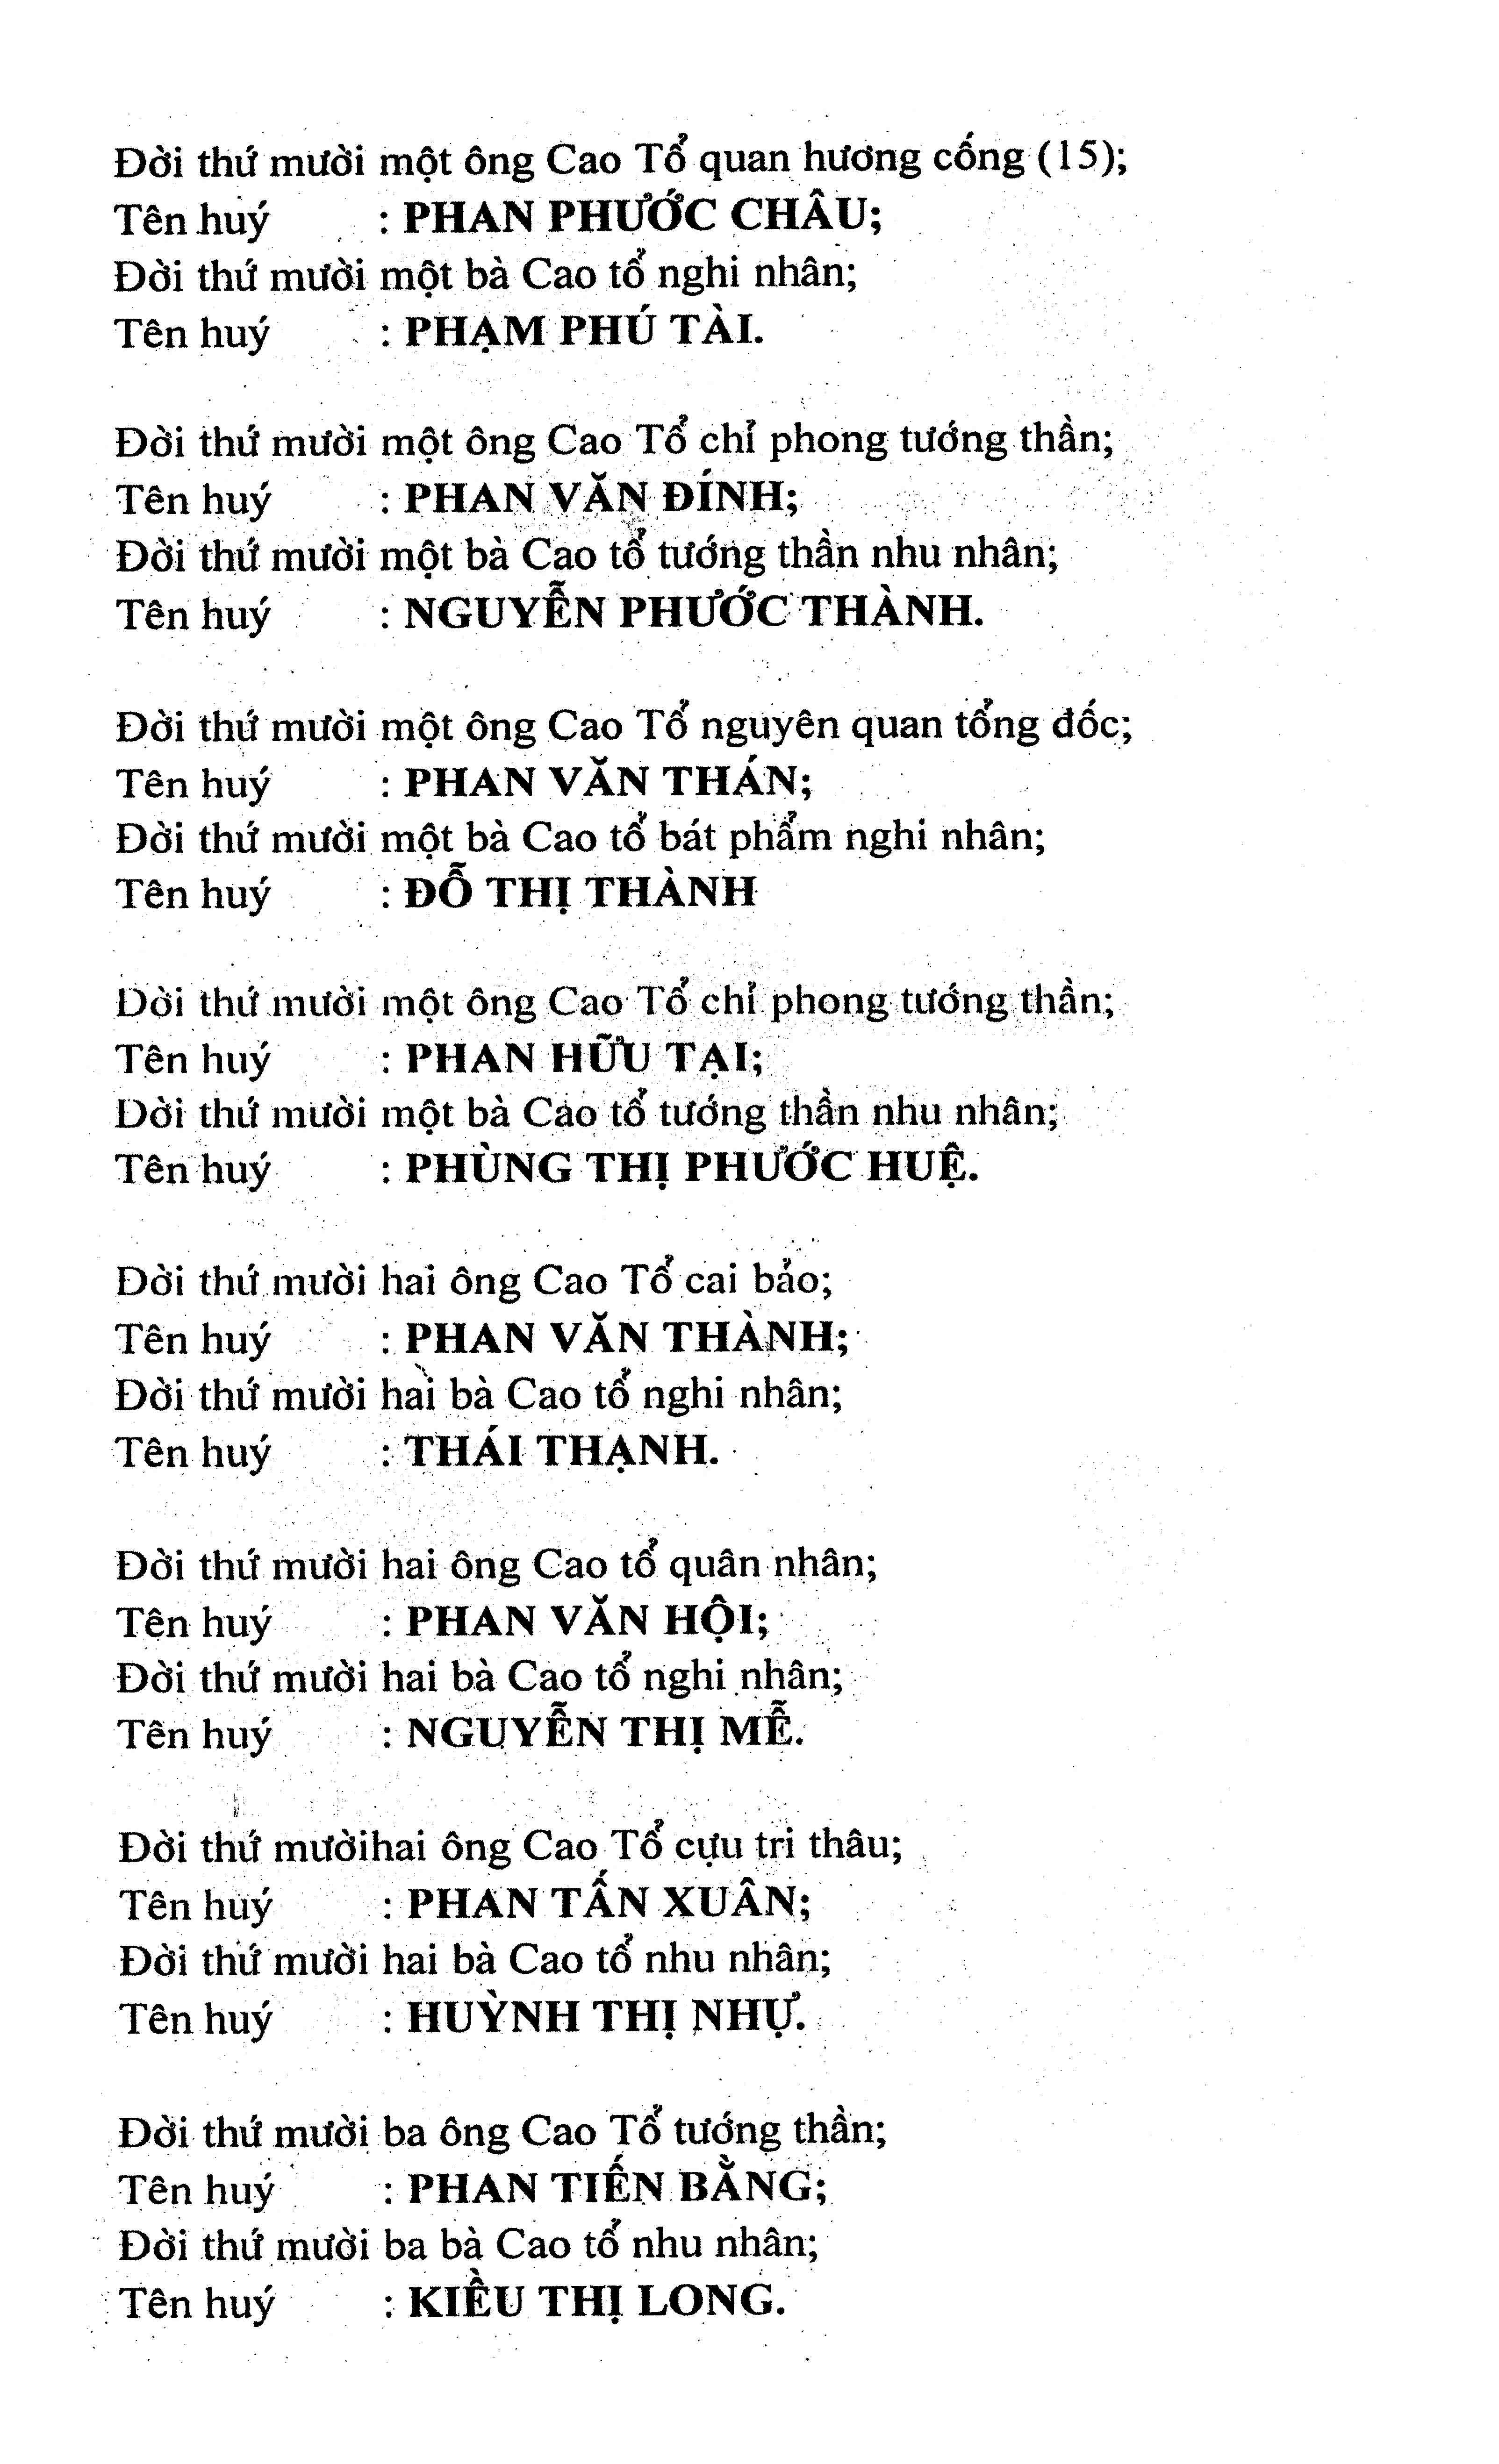 18 - Miền tháp cổ - Tác giả Vũ Hùng - Kỳ 10 - Phan tộc phổ chí Đà Sơn - Đà Ly nhị xã